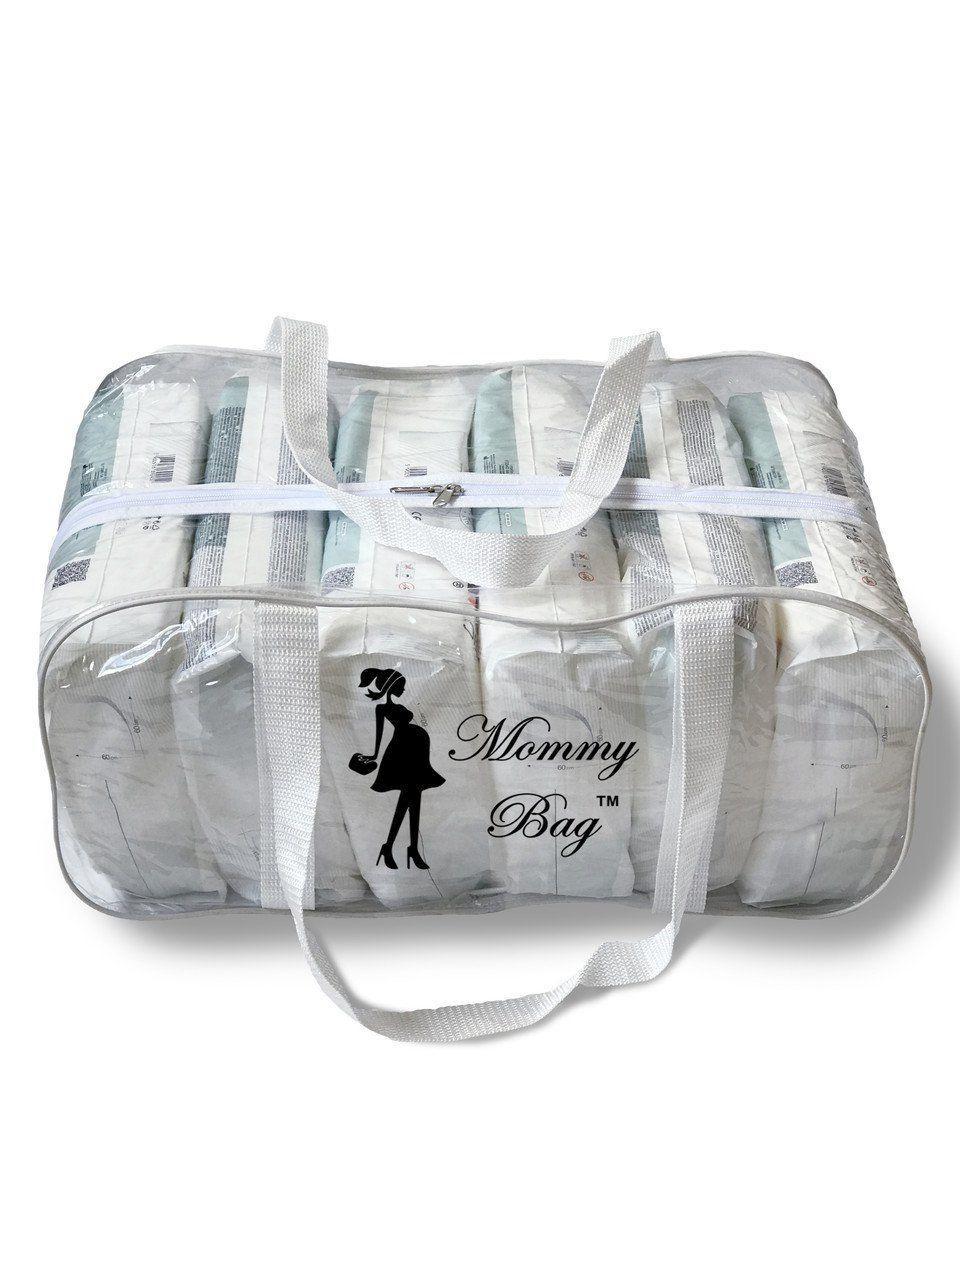 Сумка прозрачная в роддом Mommy Bag, размер - L, цвет - Белый